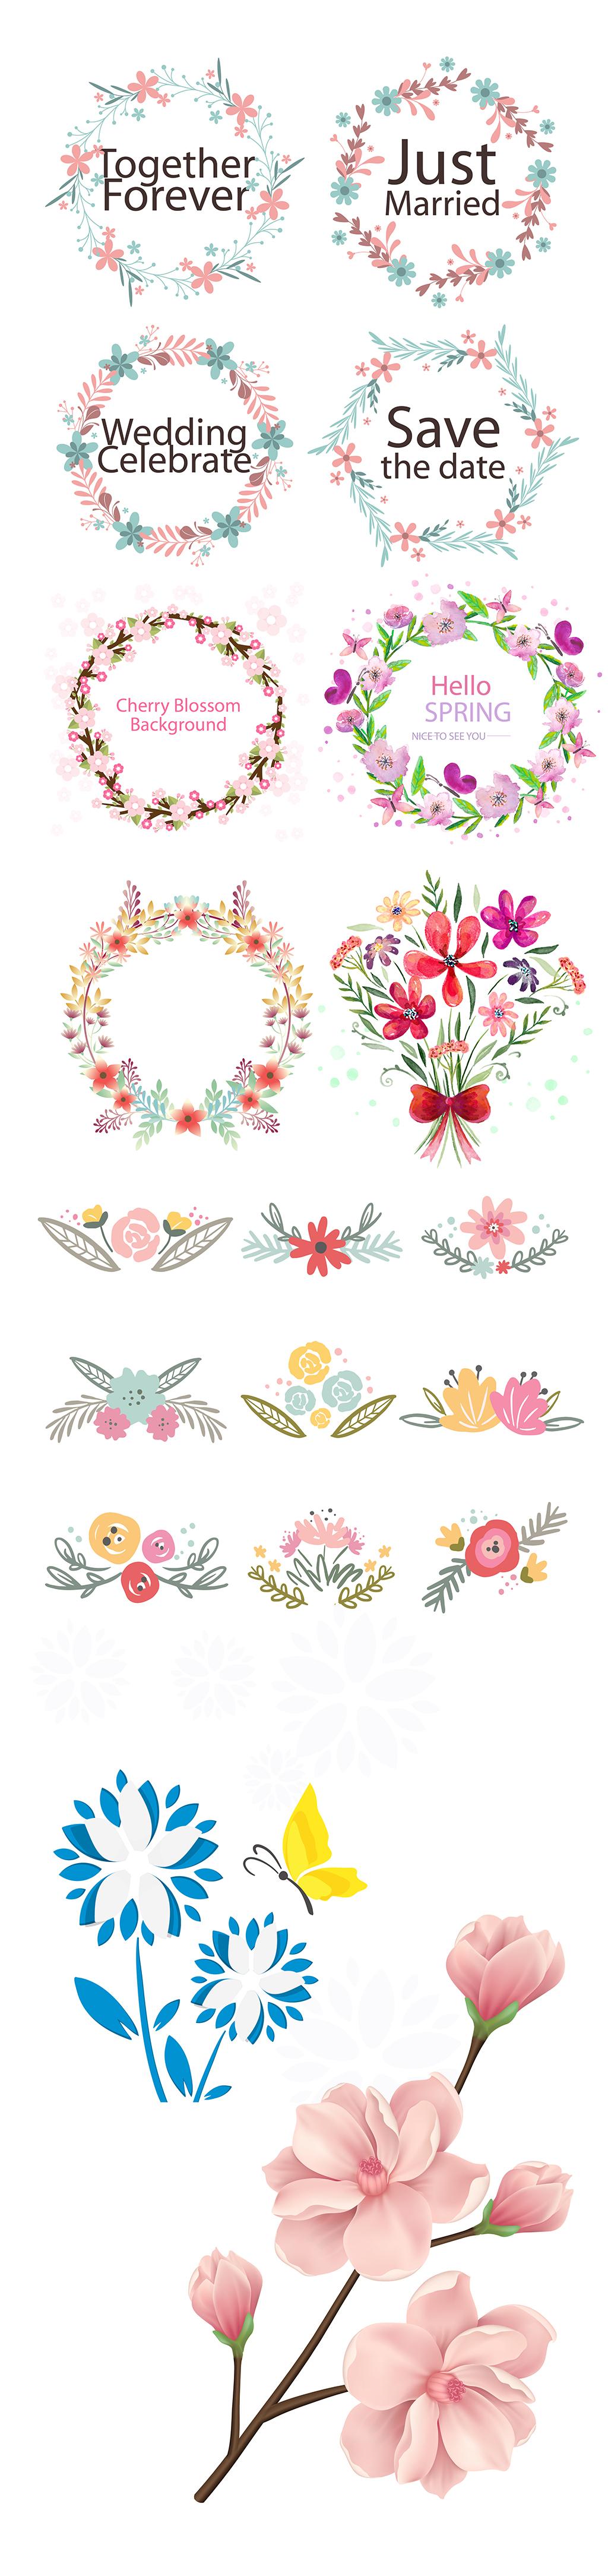 花环花卉手绘素描素材ai精细分层图下载